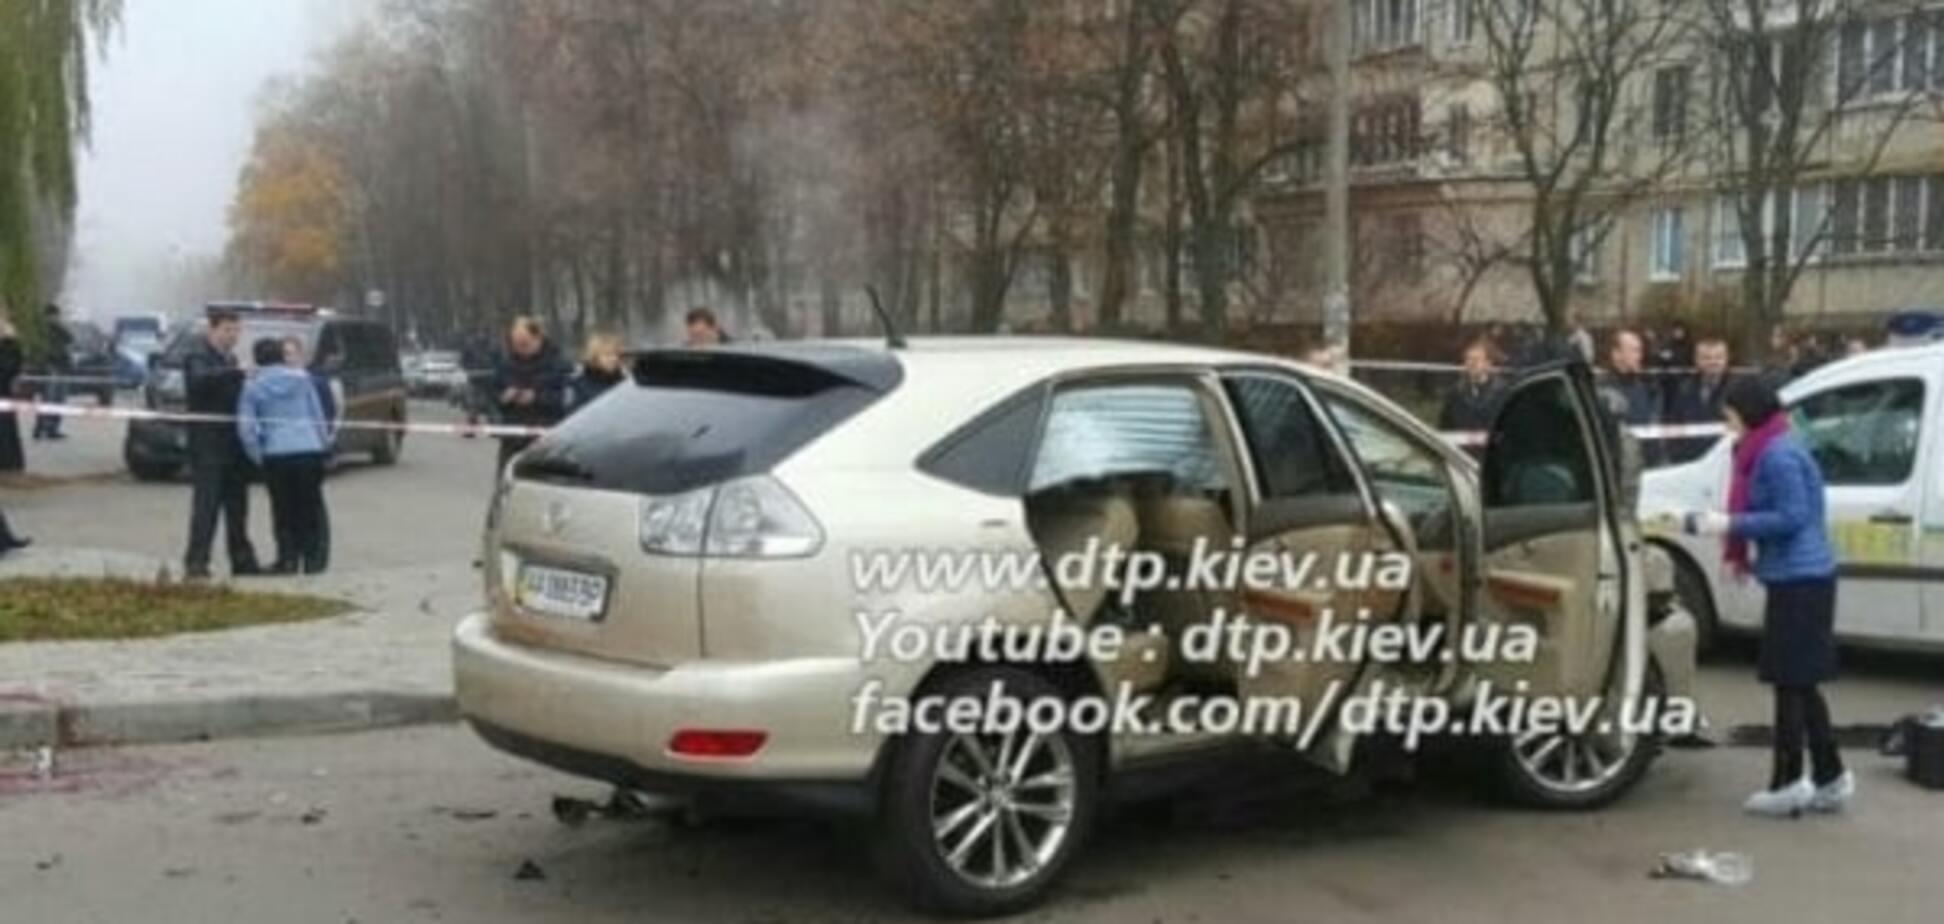 Вибух автомобіля в Києві: постраждалий працює радником голови району